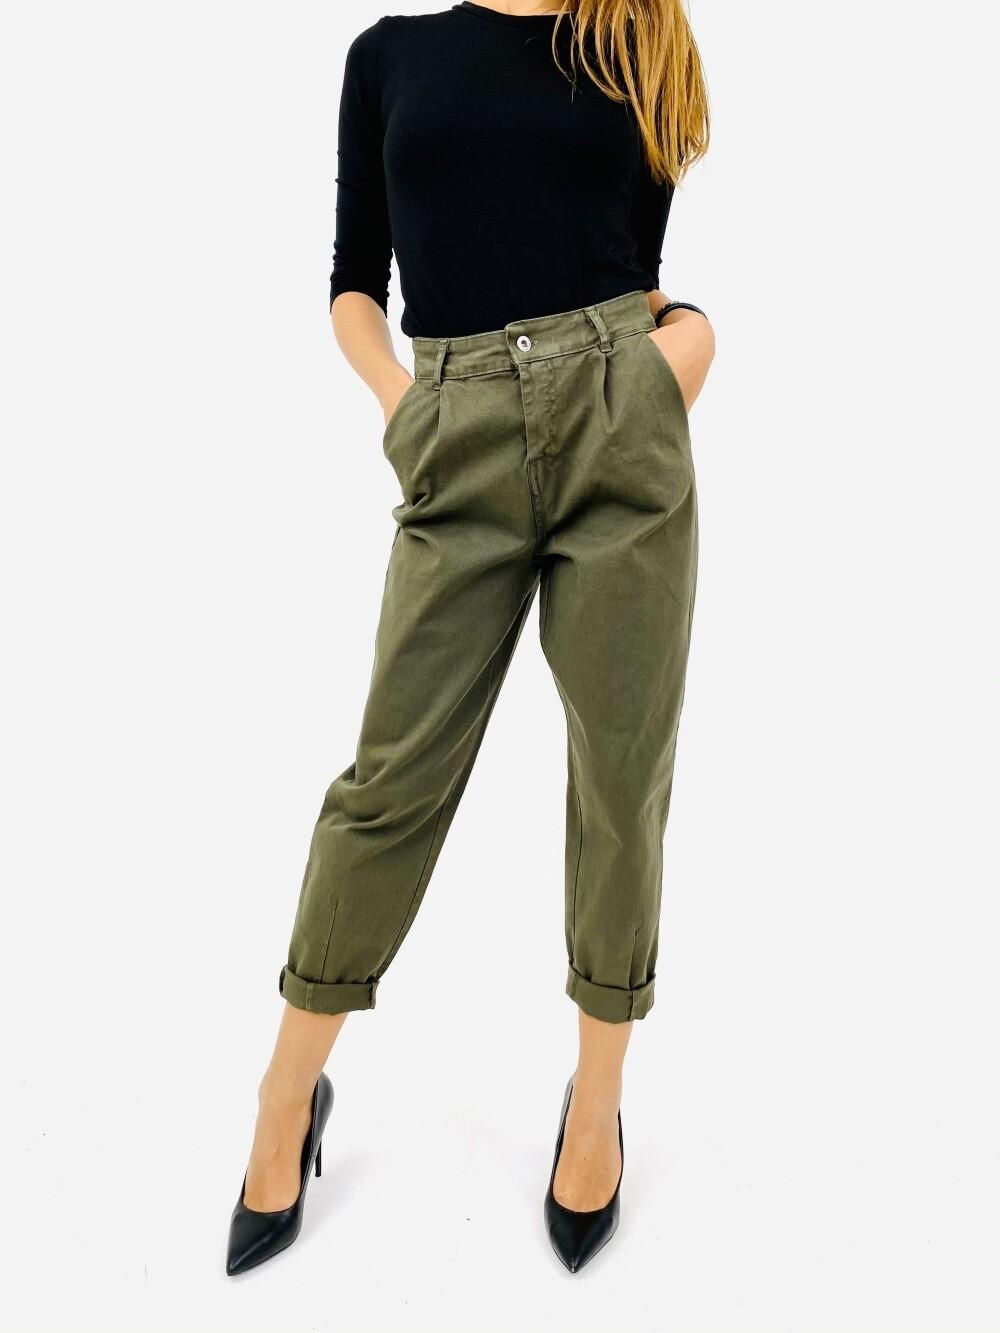 Pantalone lunga con risvolto - SRNXM1488